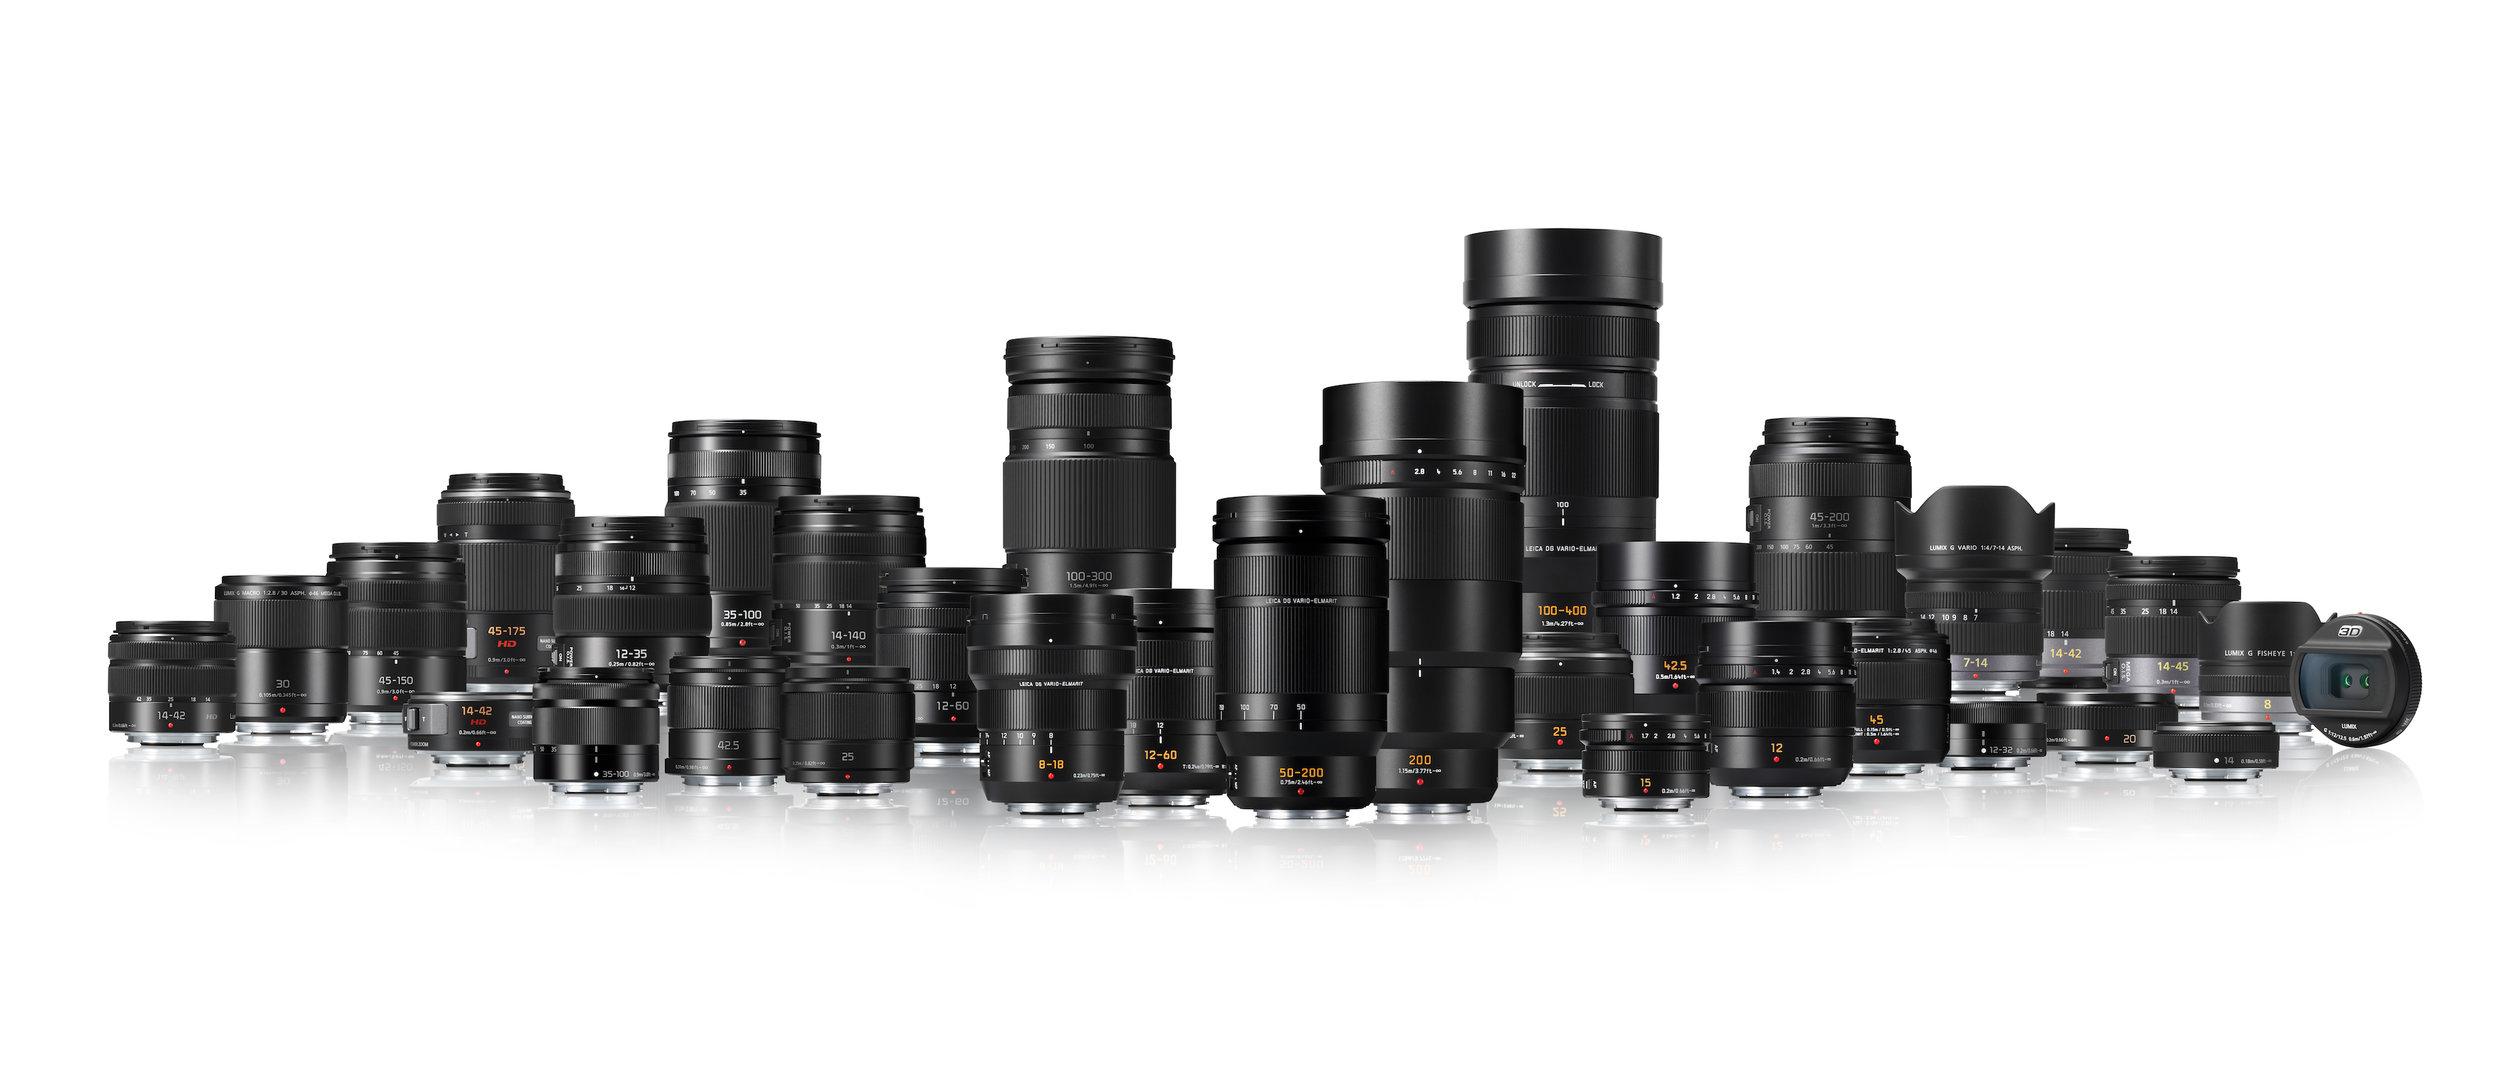 016_FY2019_LUMIX_Summilux_10-25mm_32Lenses.jpg